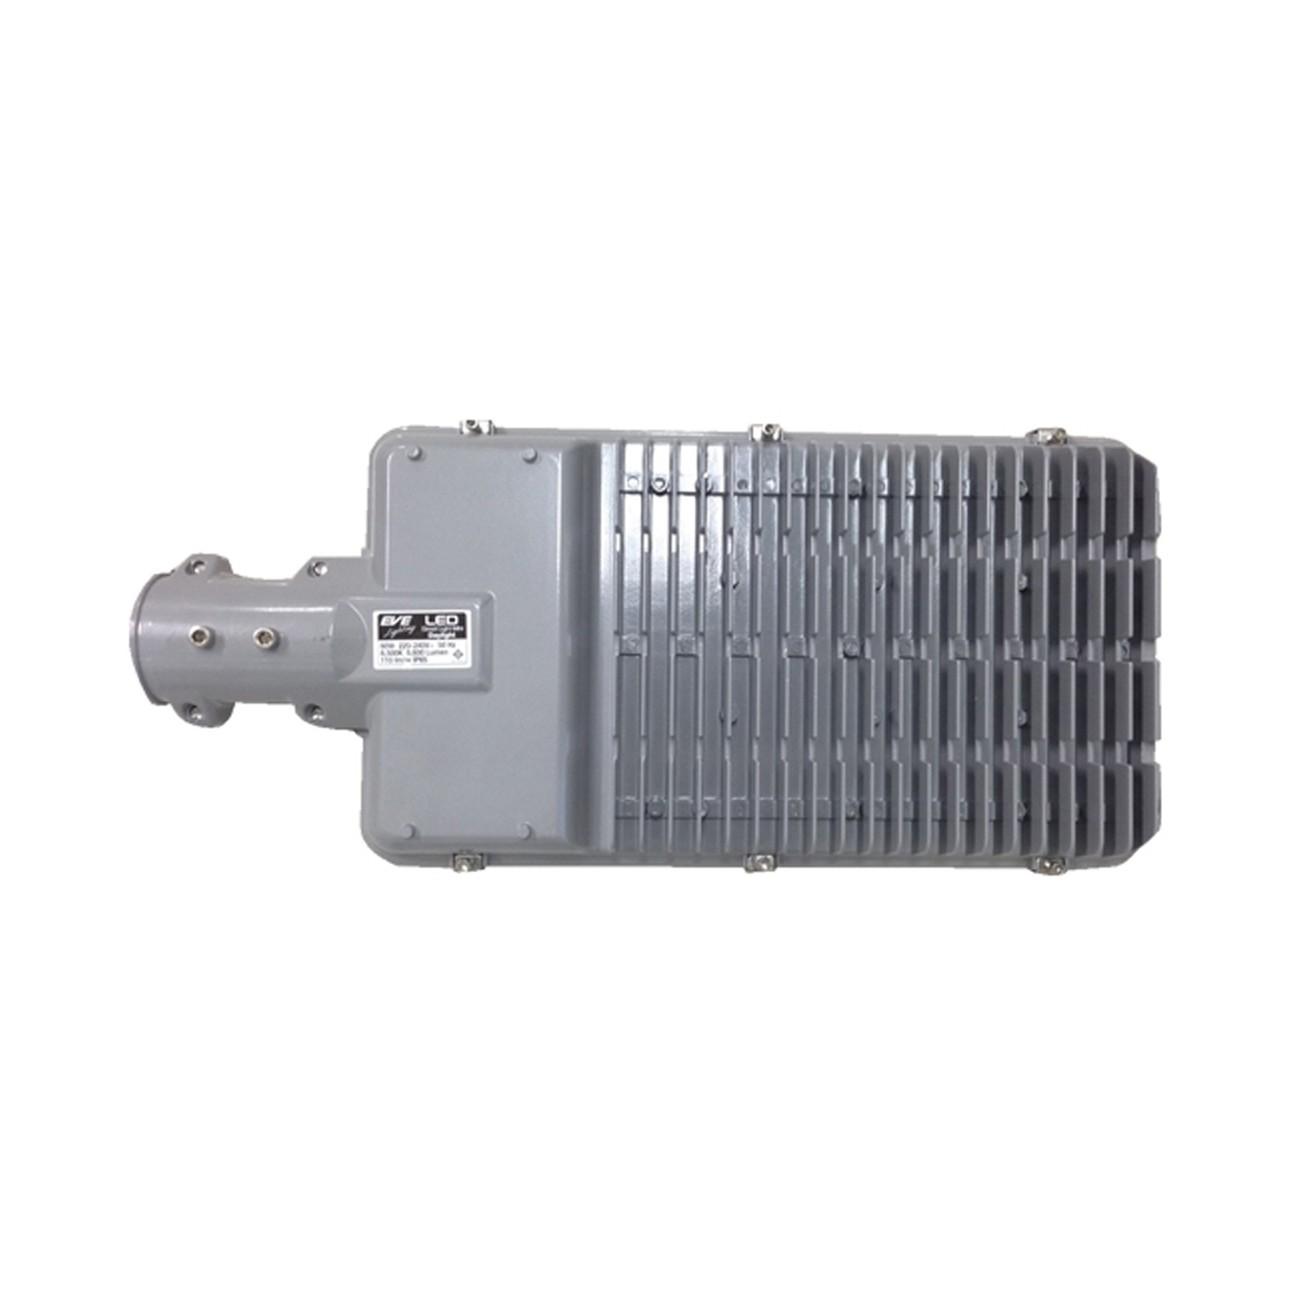 โคมไฟถนน LED Street Light Mini 40w (เดย์ไลท์) EVE